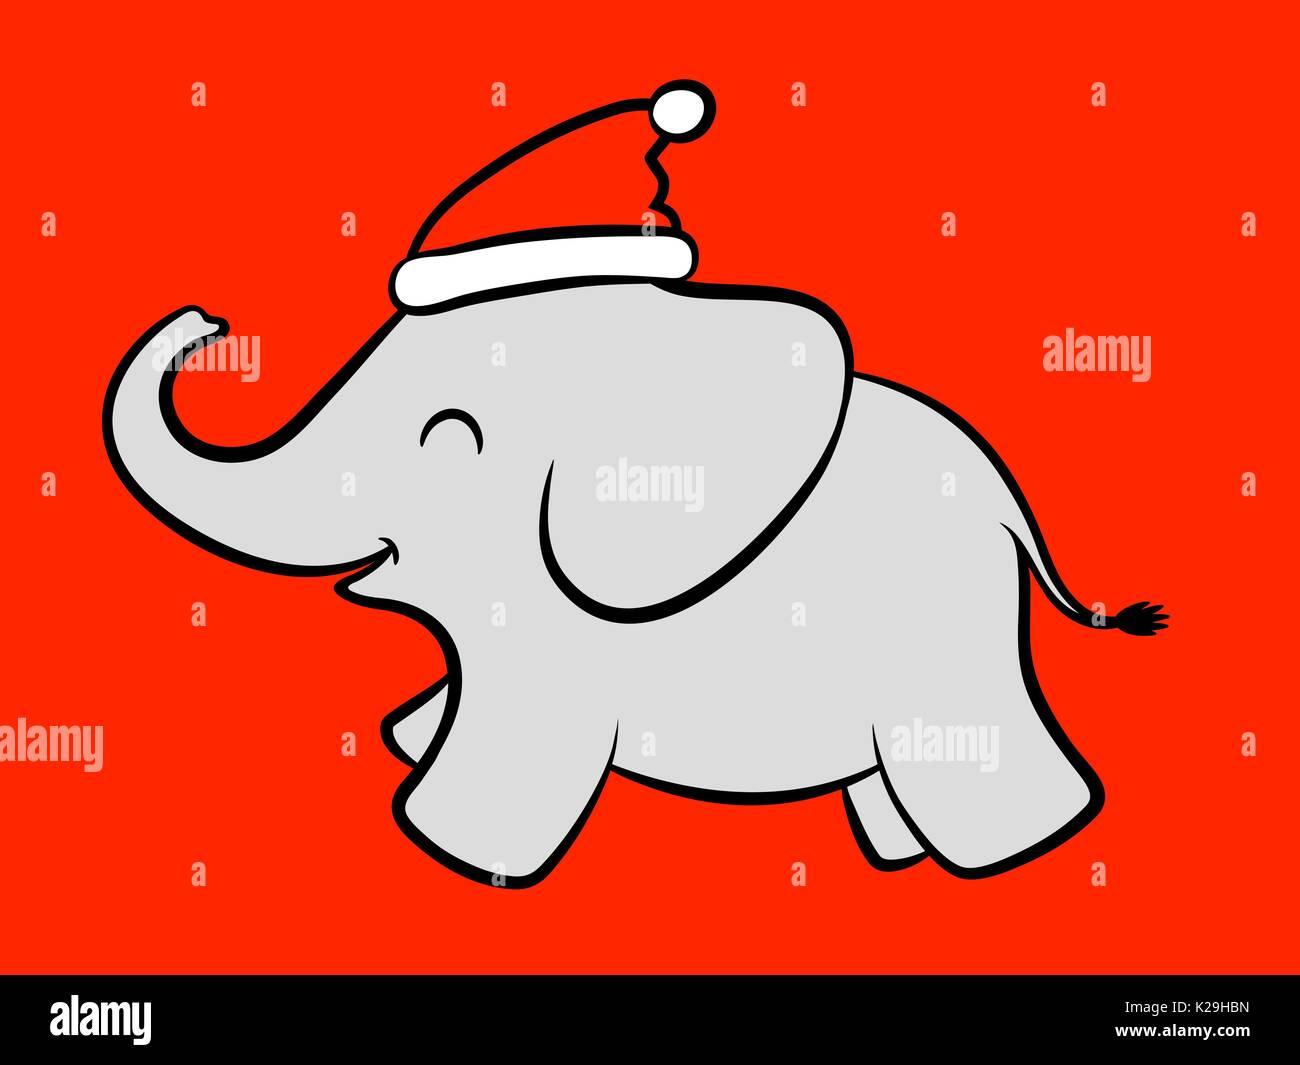 Dessin animé bébé joyeux éléphant fêter Noël avec le Père Noël un Père Noël  rouge chapeau 78a1d4246db